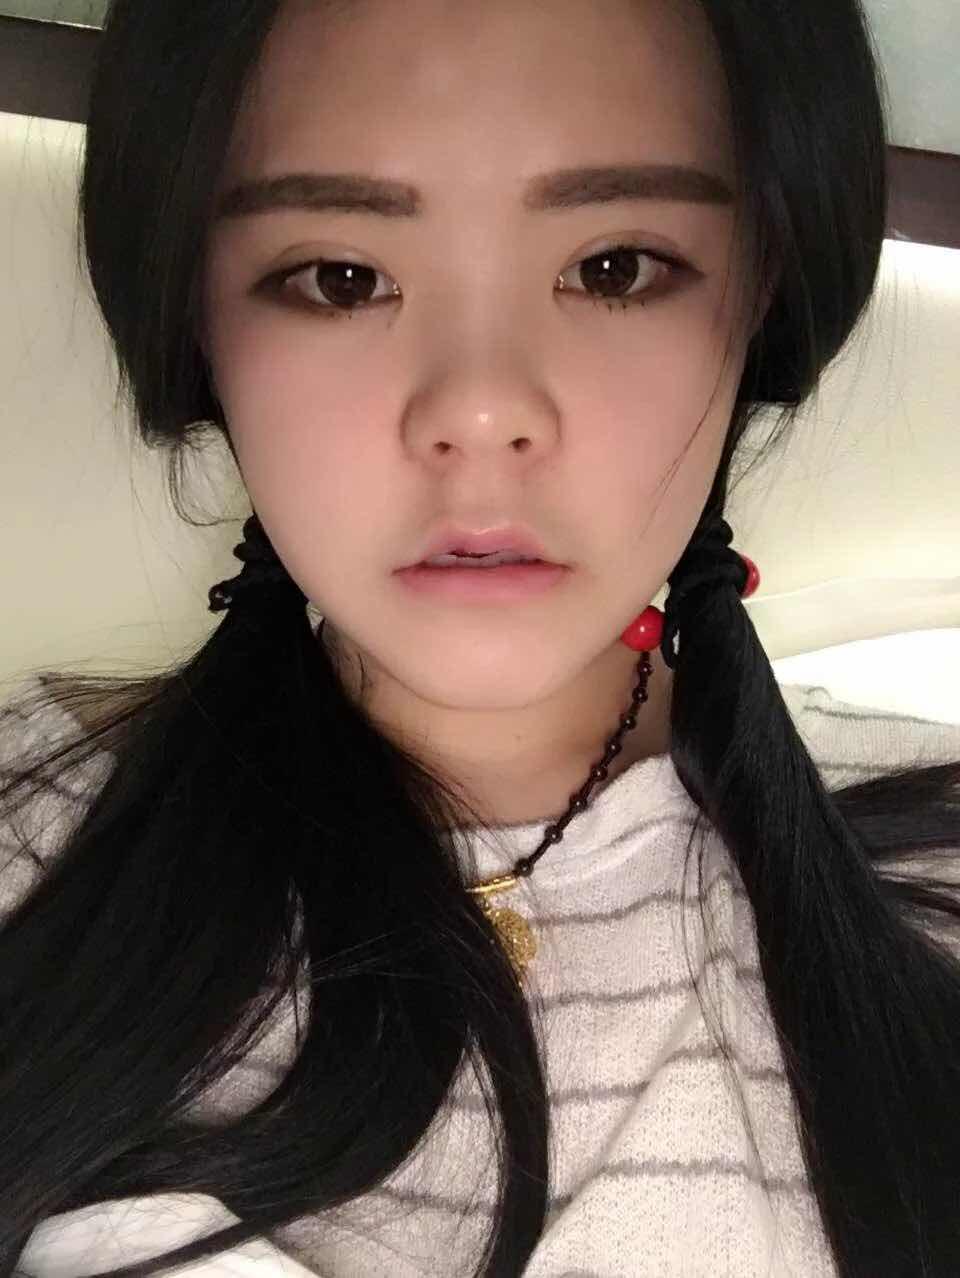 韩式隆鼻手术后饮食如何控制,有没有什么特别禁忌之类的?